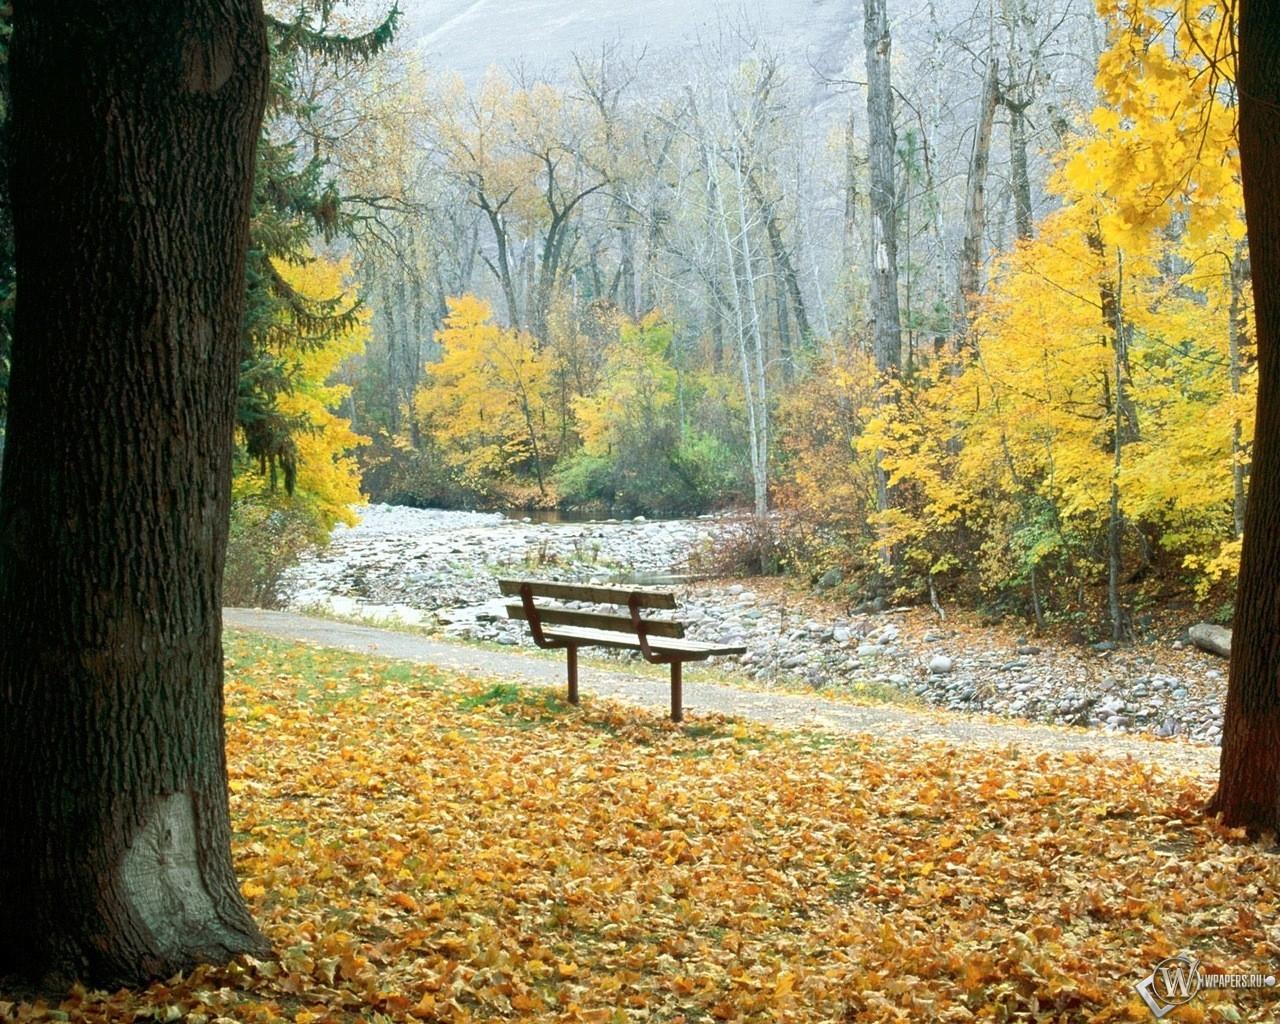 Осенняя аллея 1280x1024